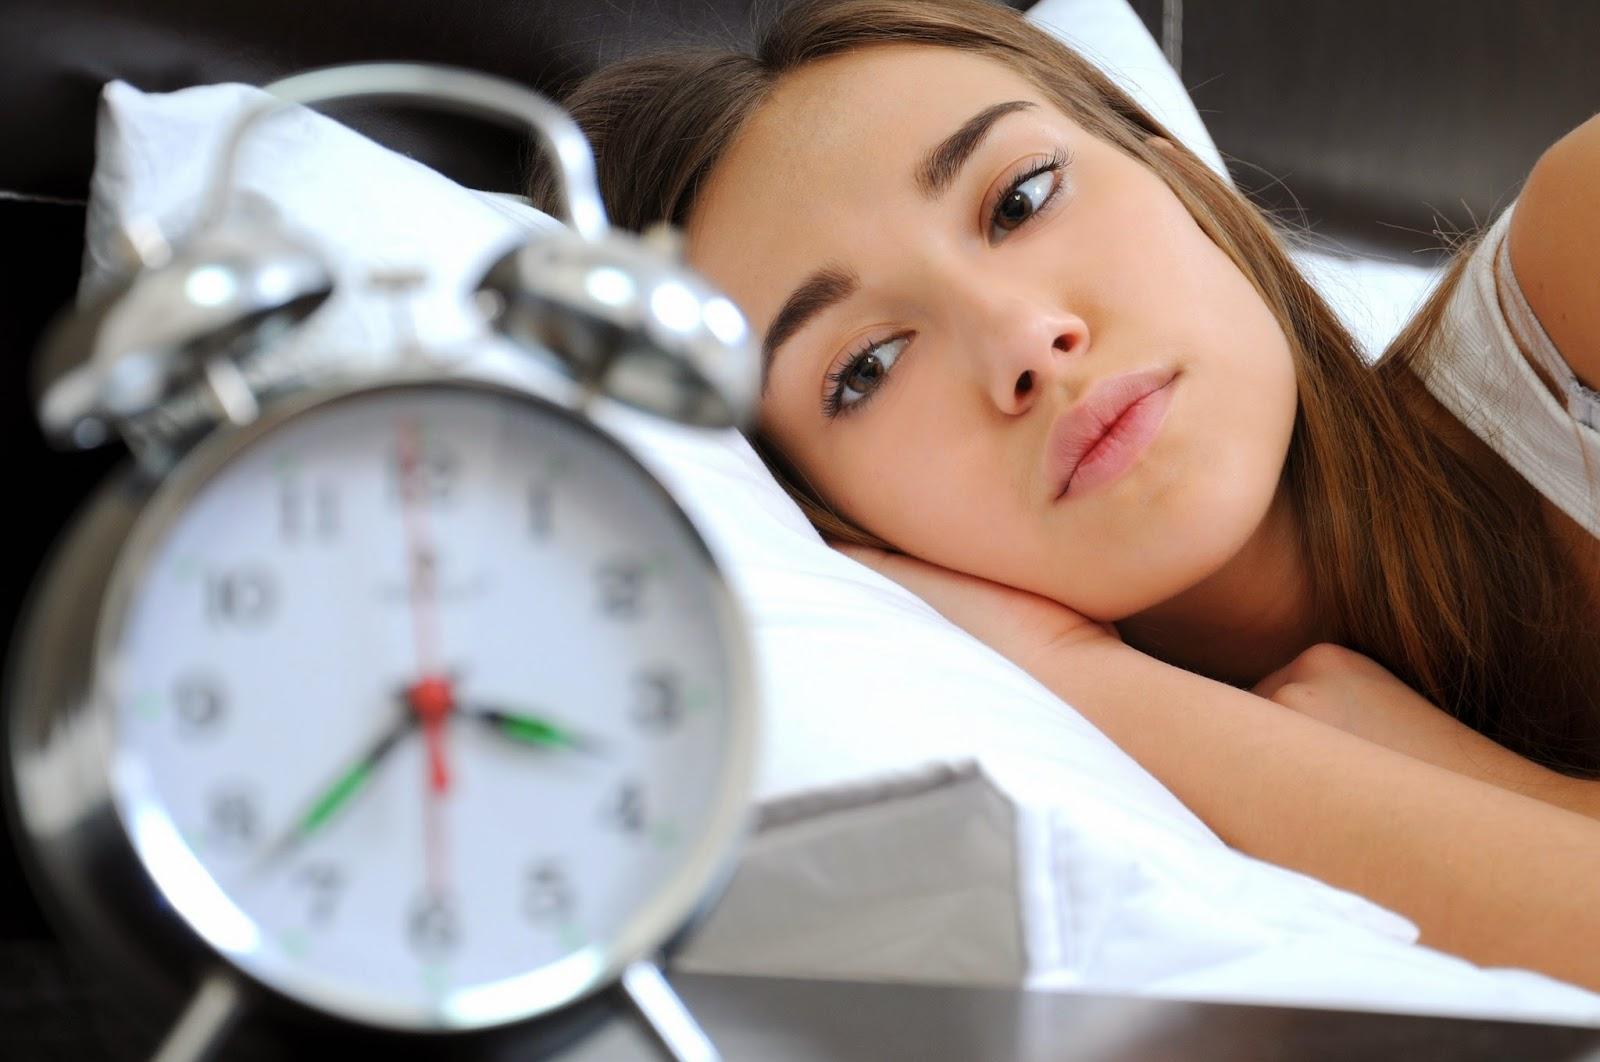 Бессонница сопровождается неровным эмоциональным здоровьем женщины